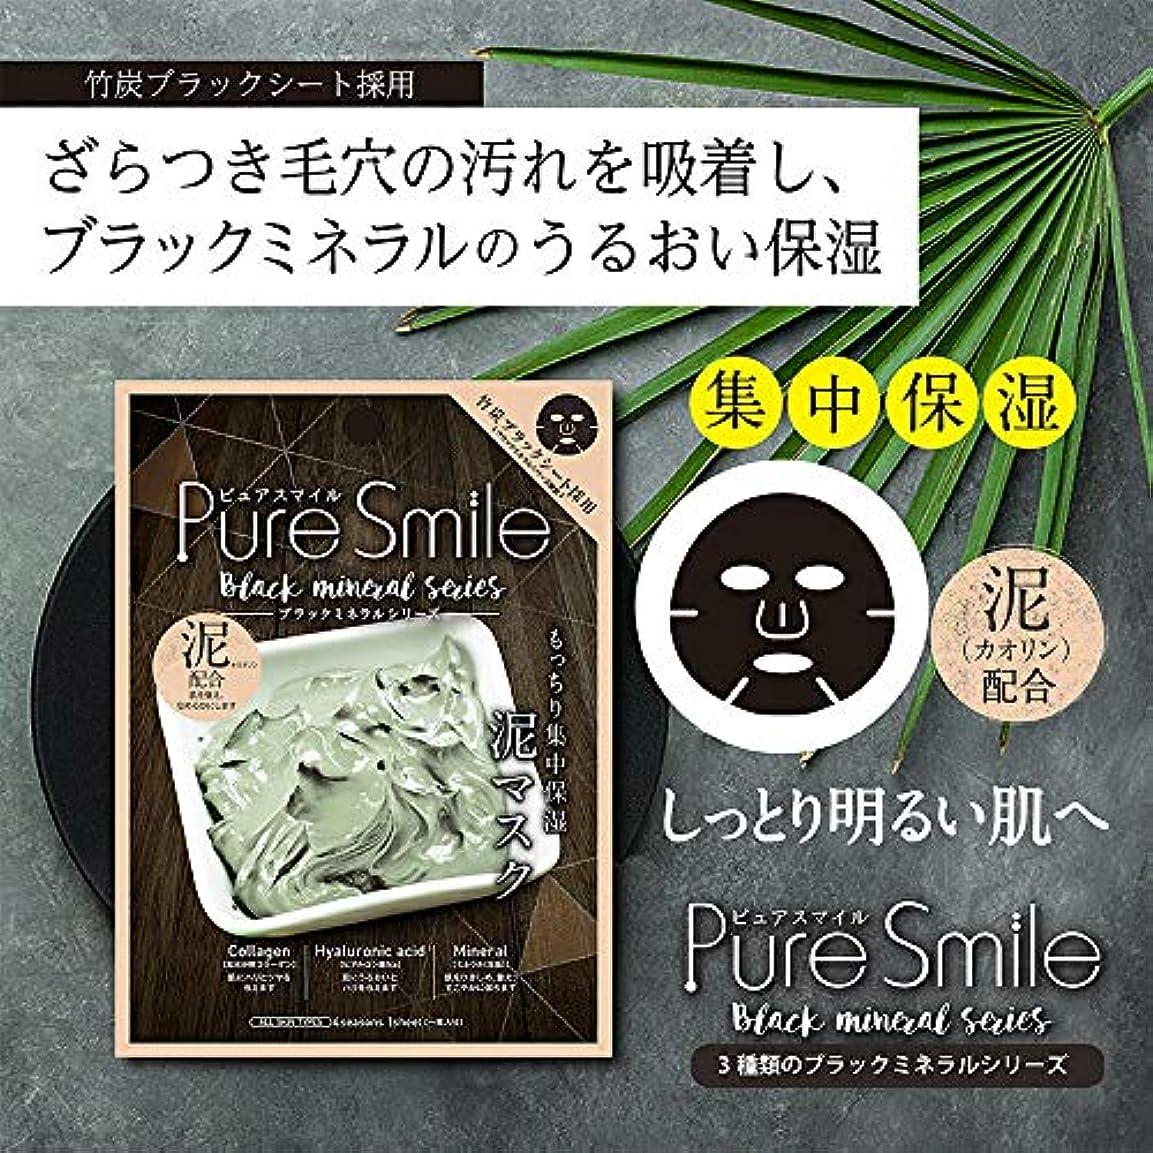 挽く修道院おじいちゃんPure Smile(ピュアスマイル) エッセンスマスク 『ブラックミネラルシリーズ』 (泥) フェイスマスク パック